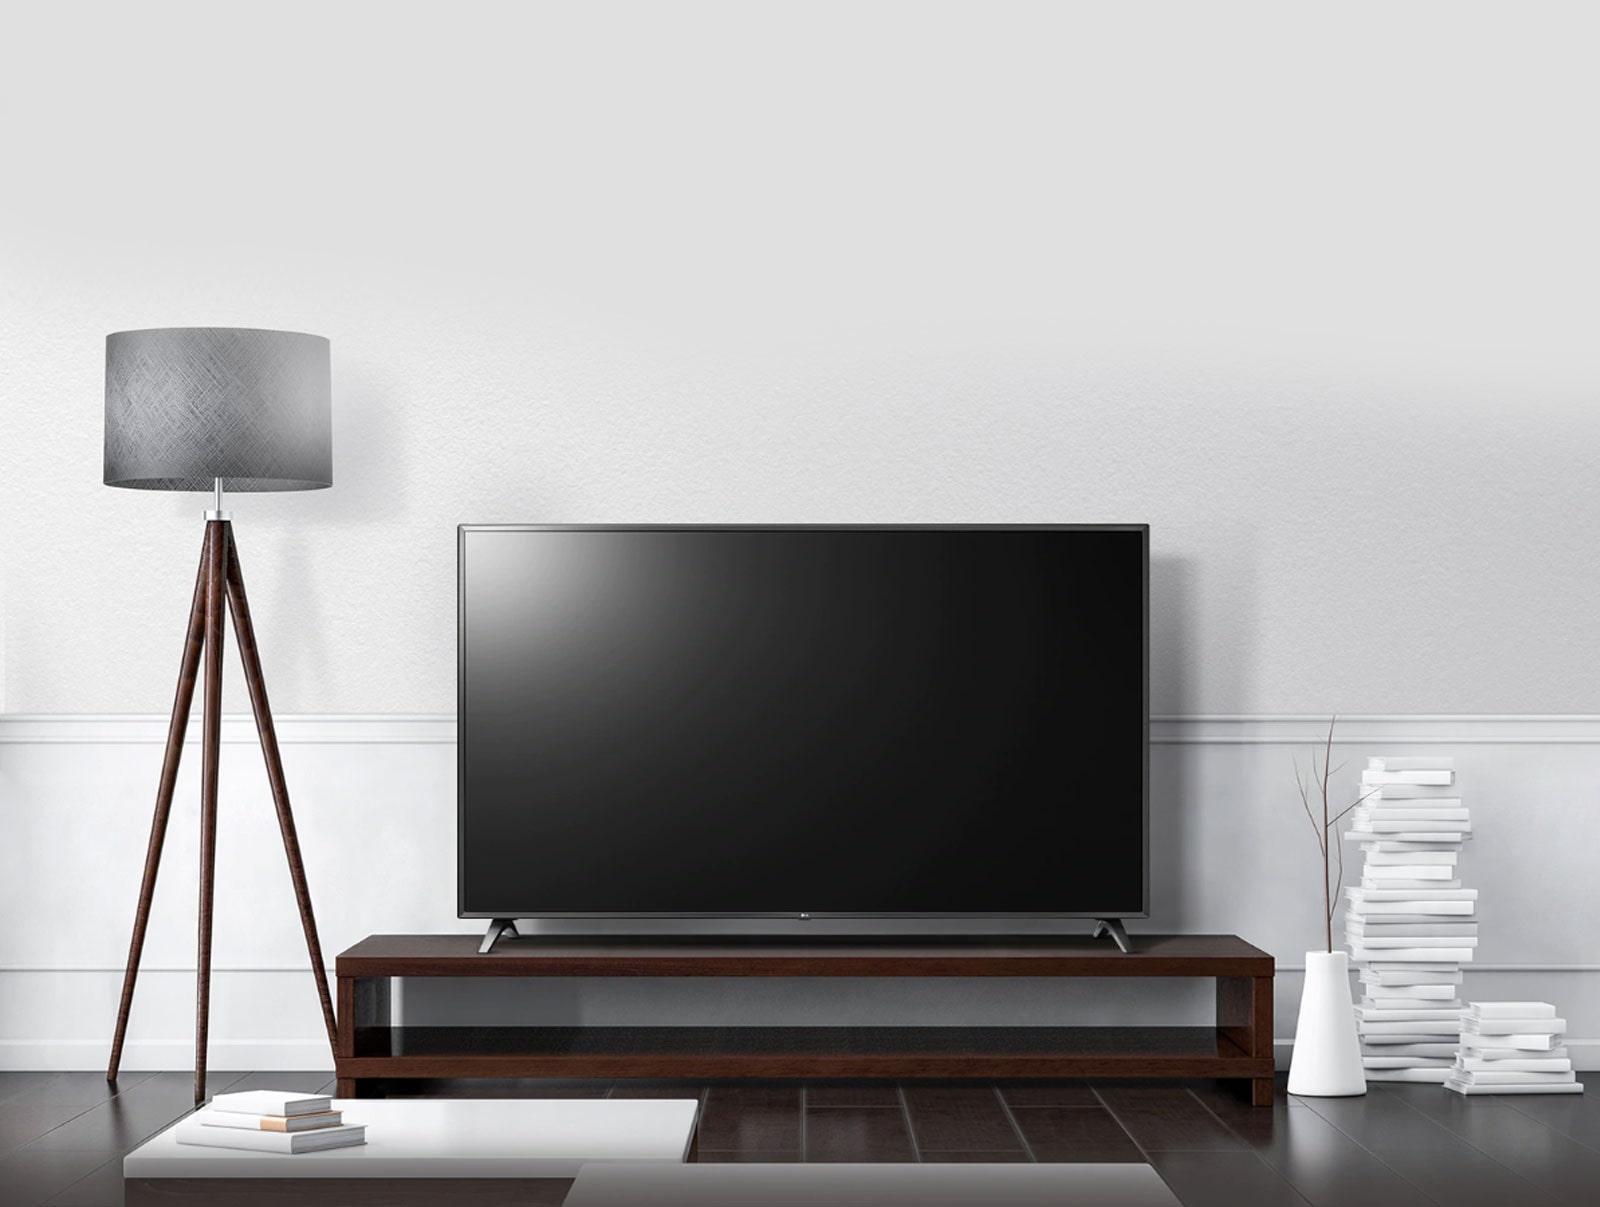 Simple yet Exquisite Design1